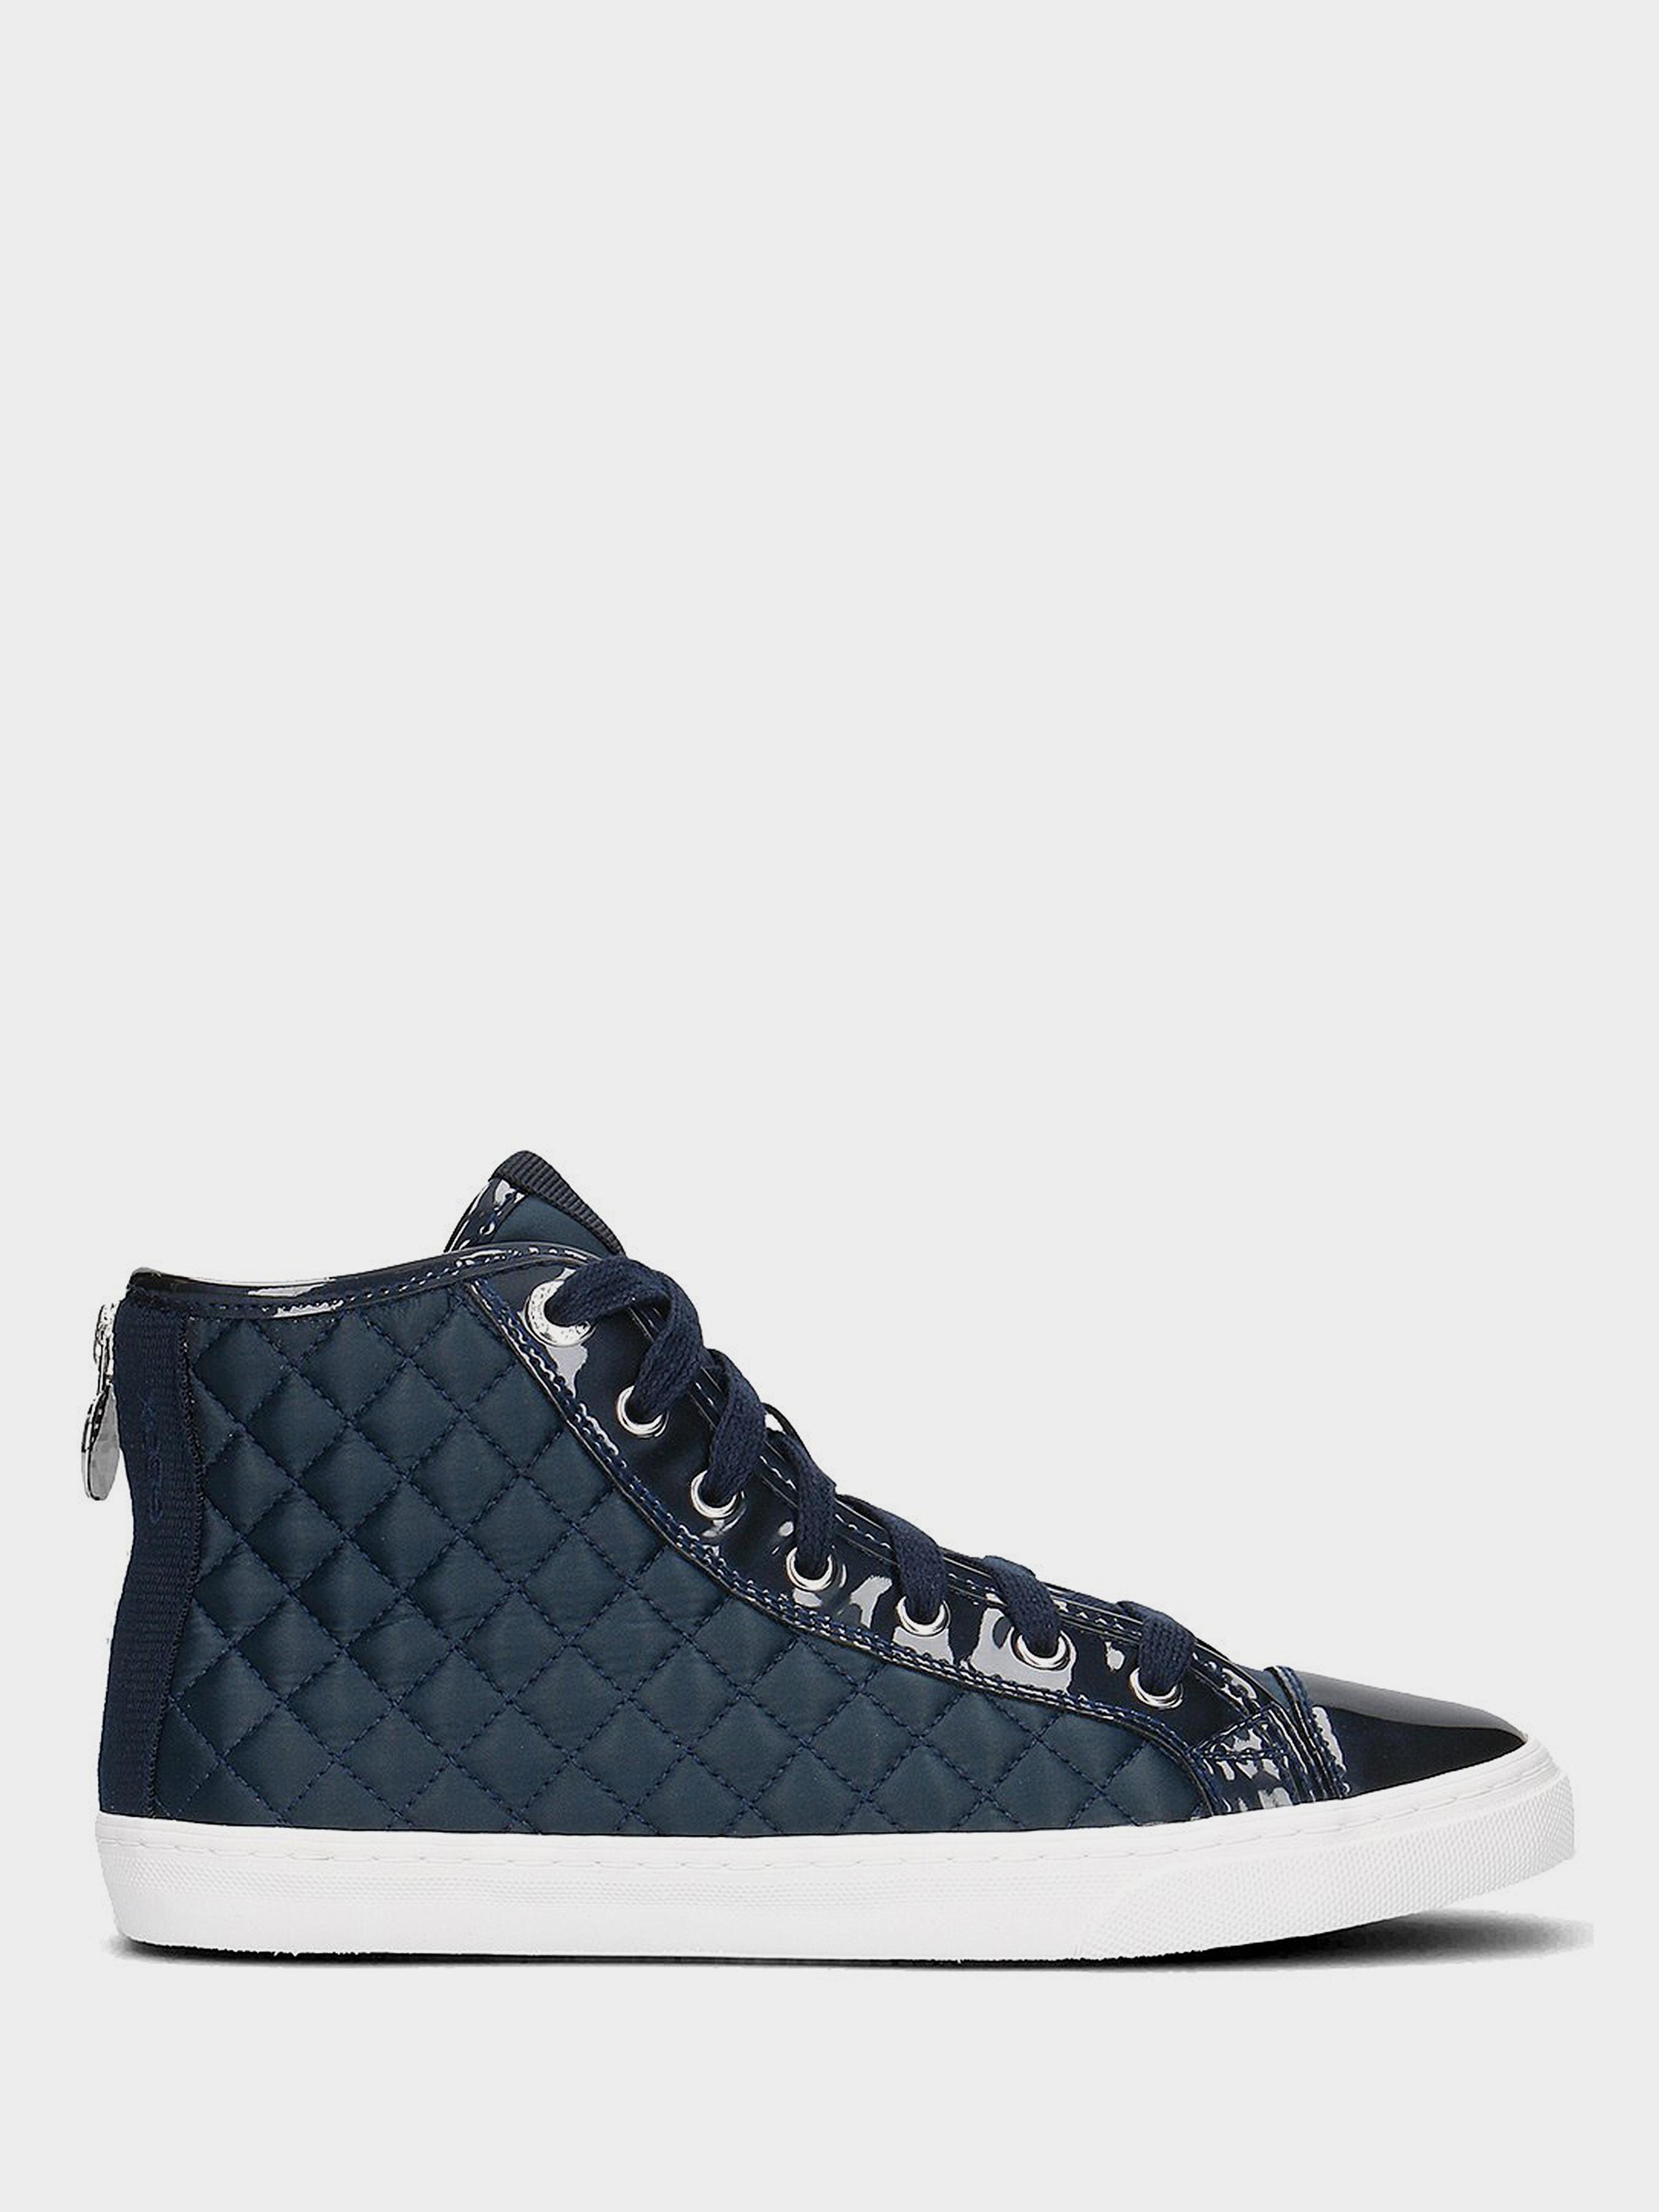 Ботинки для женщин Geox D N.CLUB A - NYLON+MET.SYN.PAT XW3041 брендовая обувь, 2017